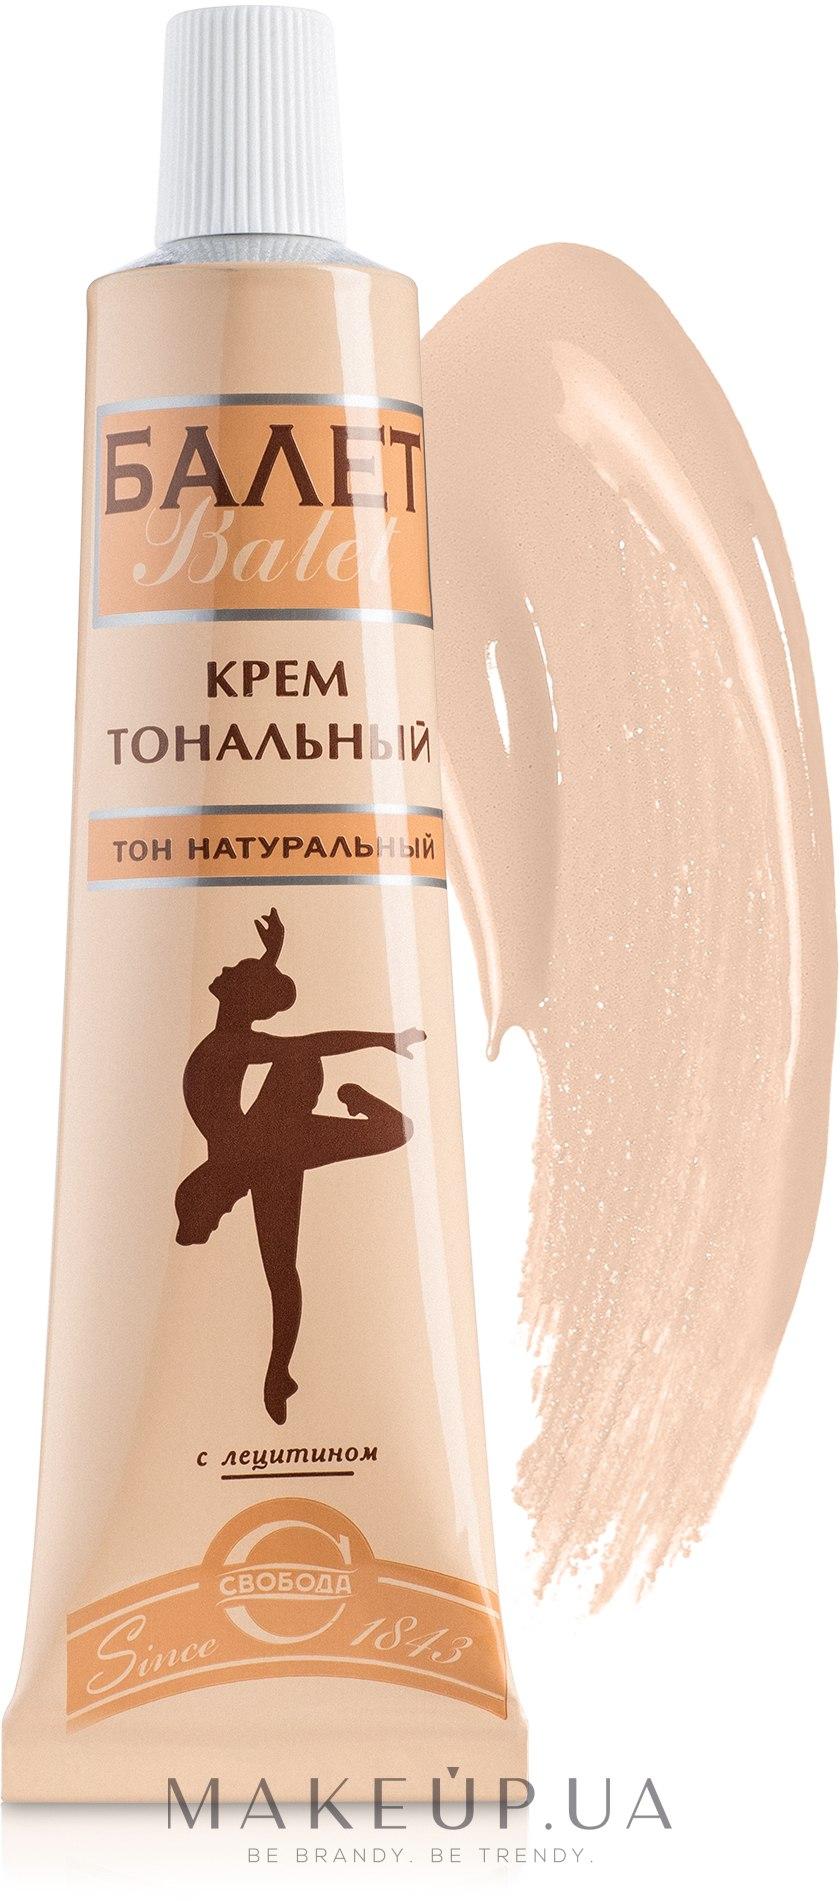 балет тональный крем фирмы